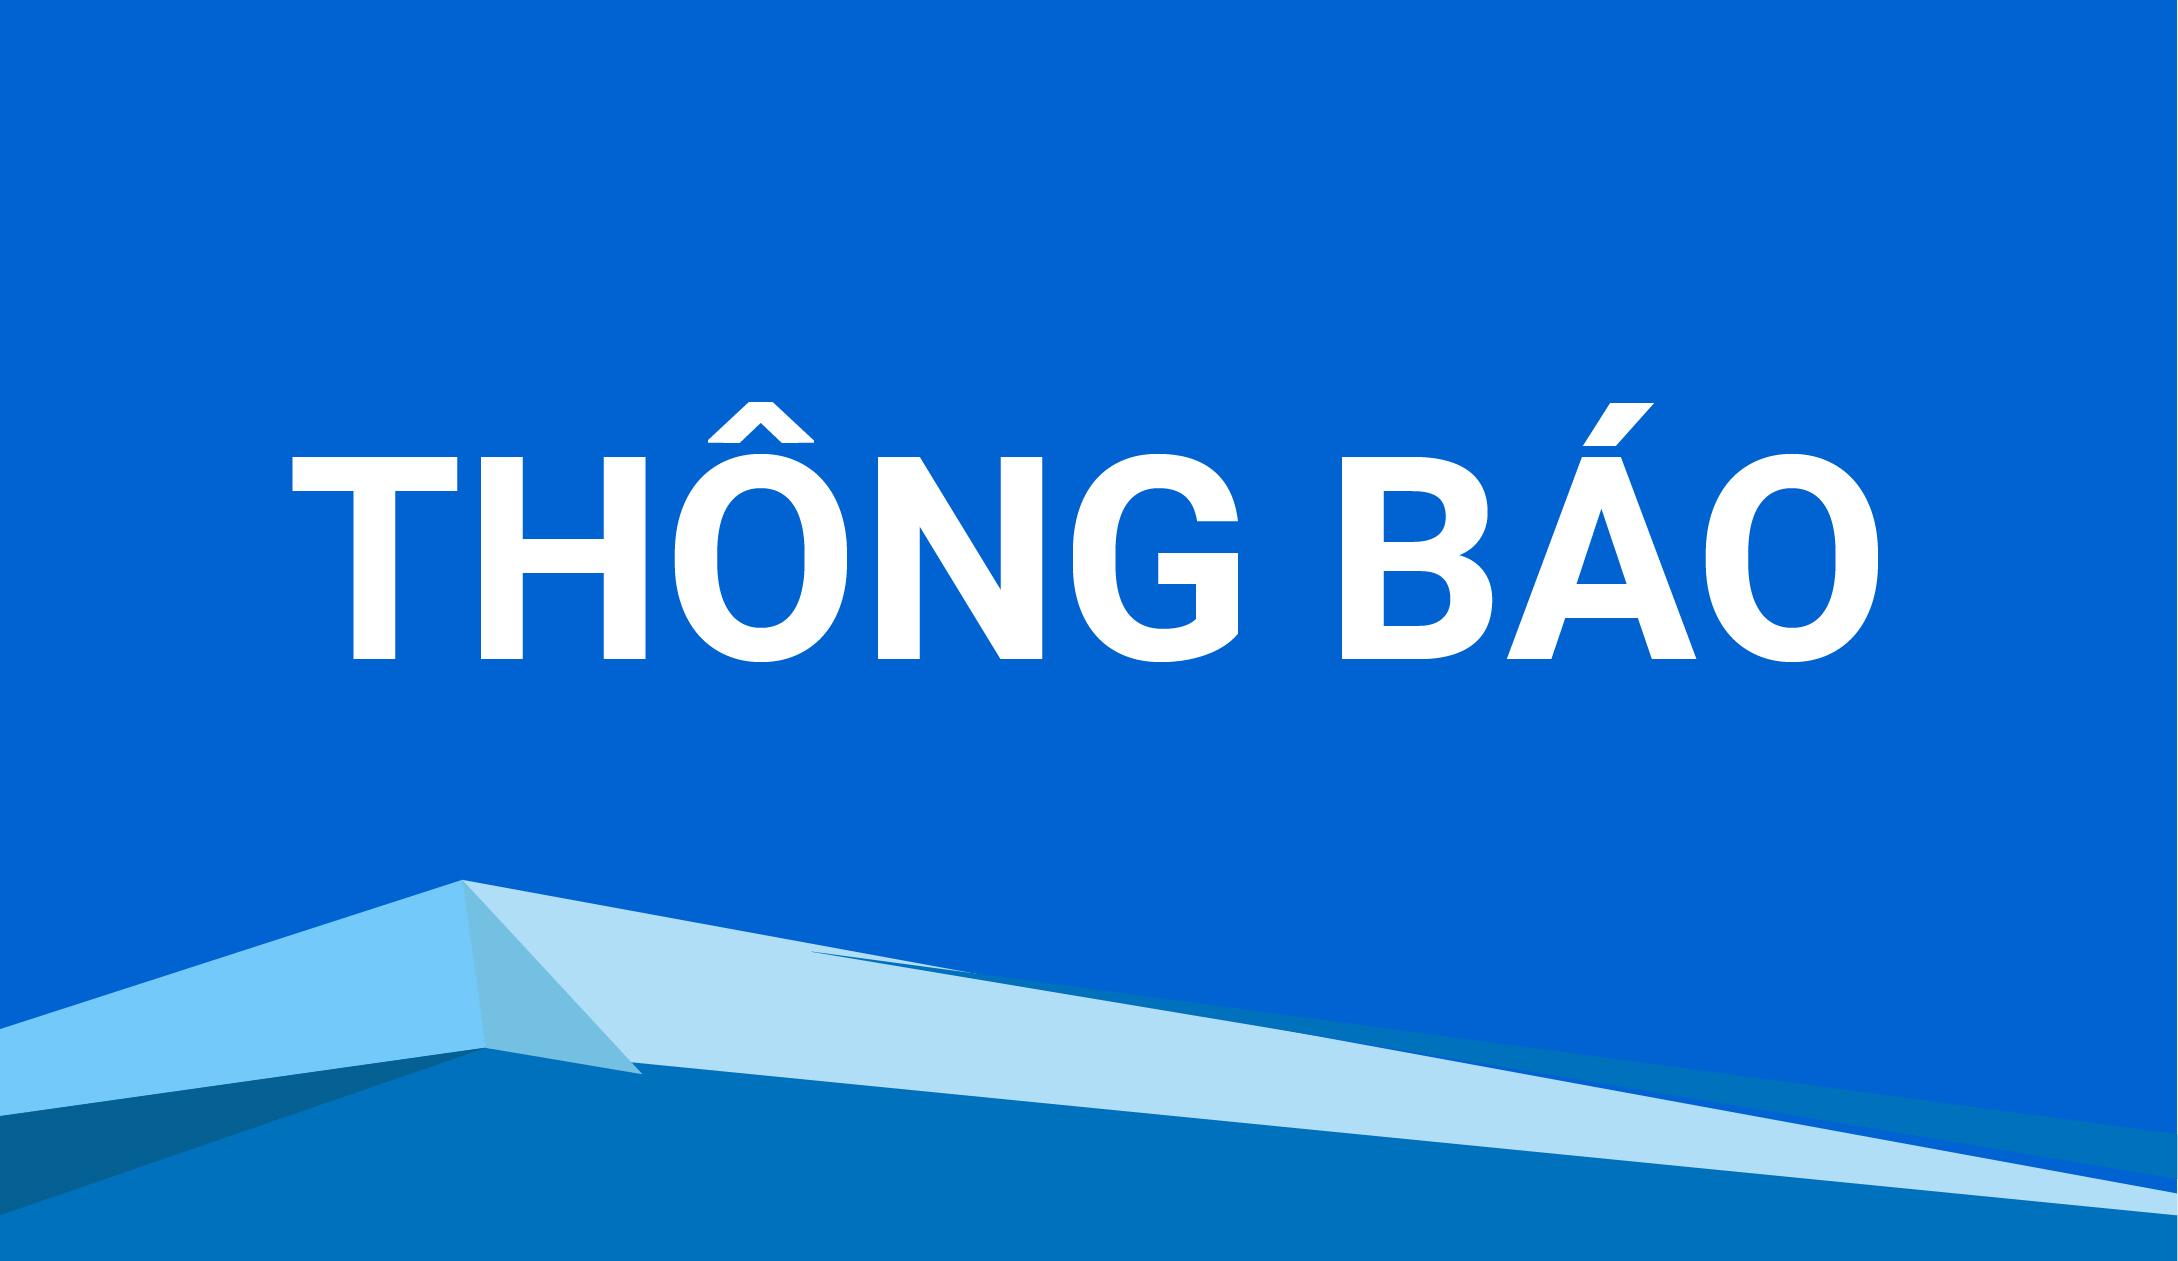 THÔNG BÁO 11: Tuân thủ quy định thực hiện phòng, chống dịch Covid – 19 tới các công dân Việt Nam đang học tập, nghiên cứu tại nước ngoài